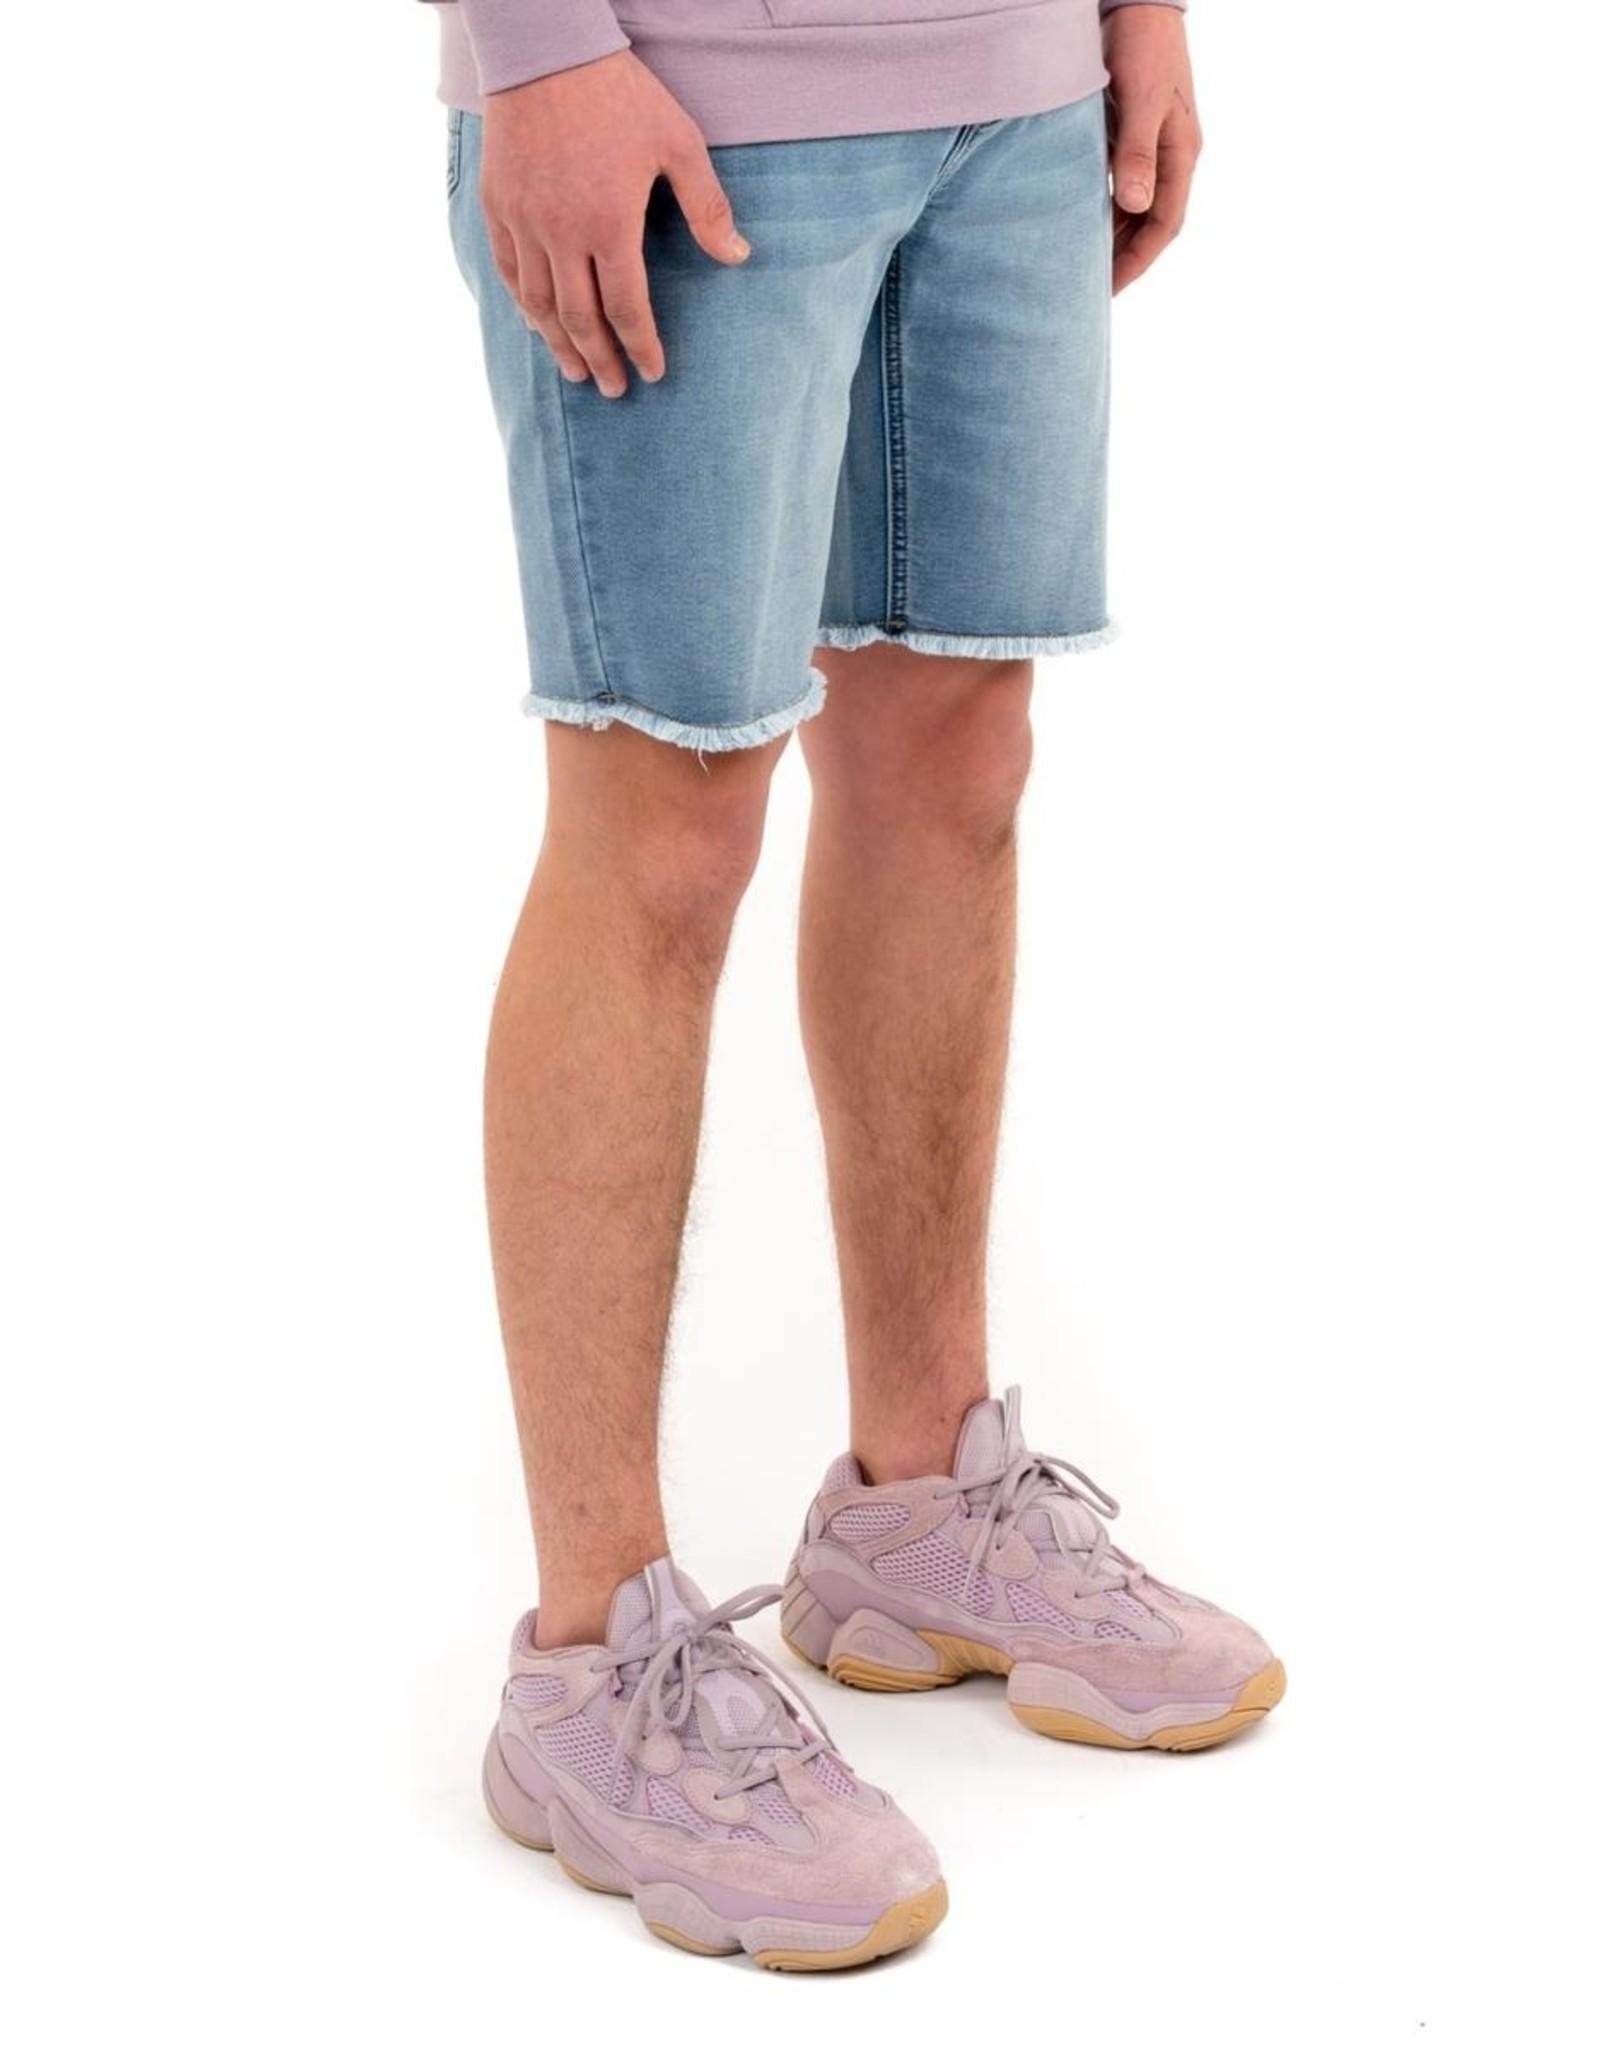 Kuwallatee Knit Denim Shorts 2.0